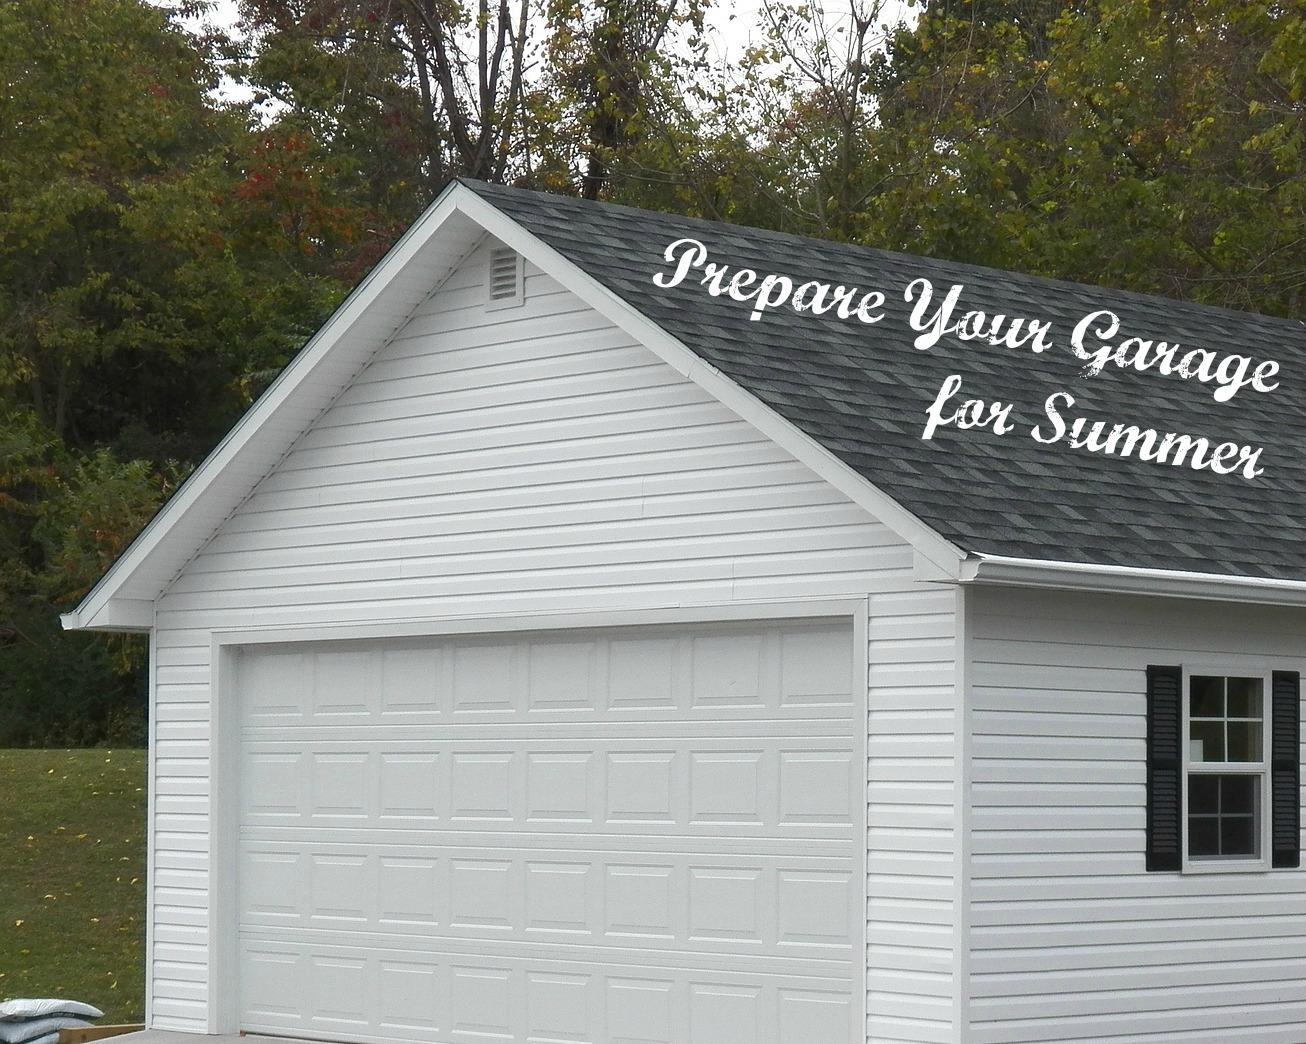 Garage Preparation For Summer